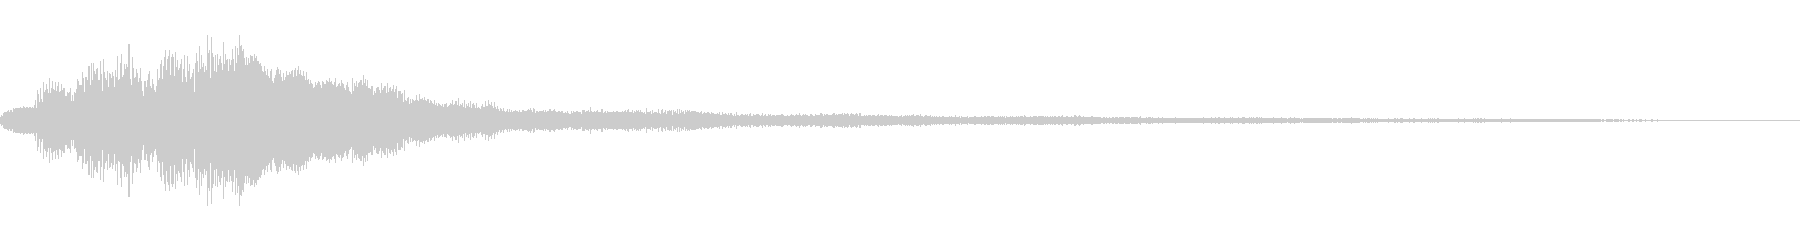 アルペジオベルズ、シングルの未再生の波形